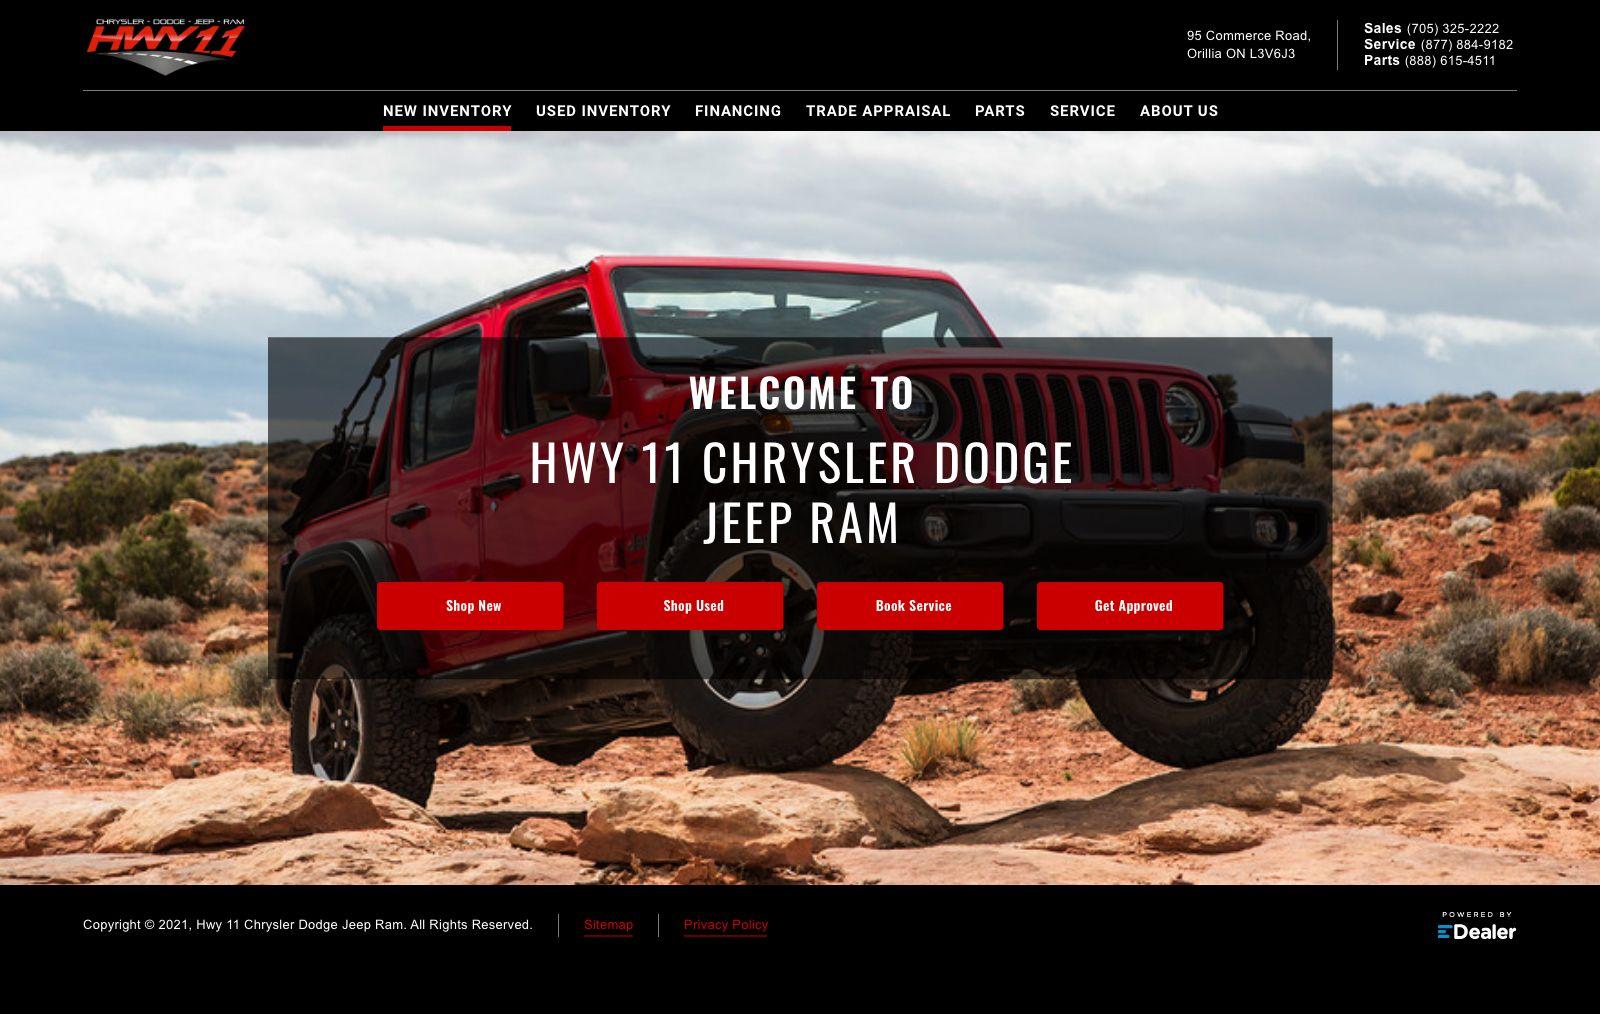 Hwy 11  Chrysler Dodge Jeep Ram